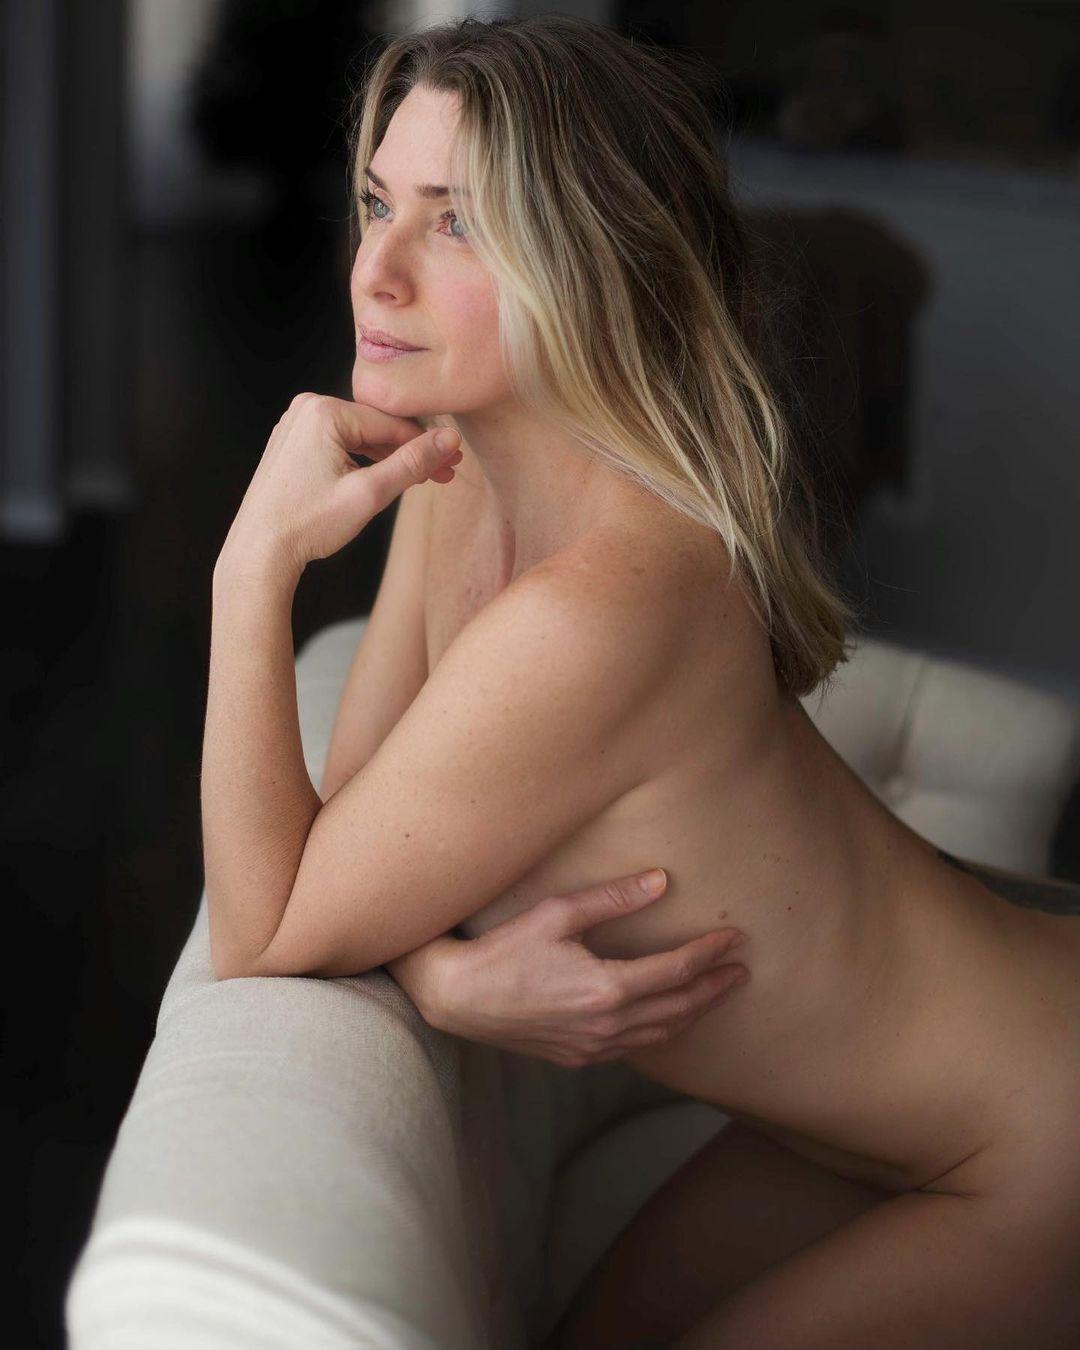 Na imagem, Leticia Spiller aparece completamente nua